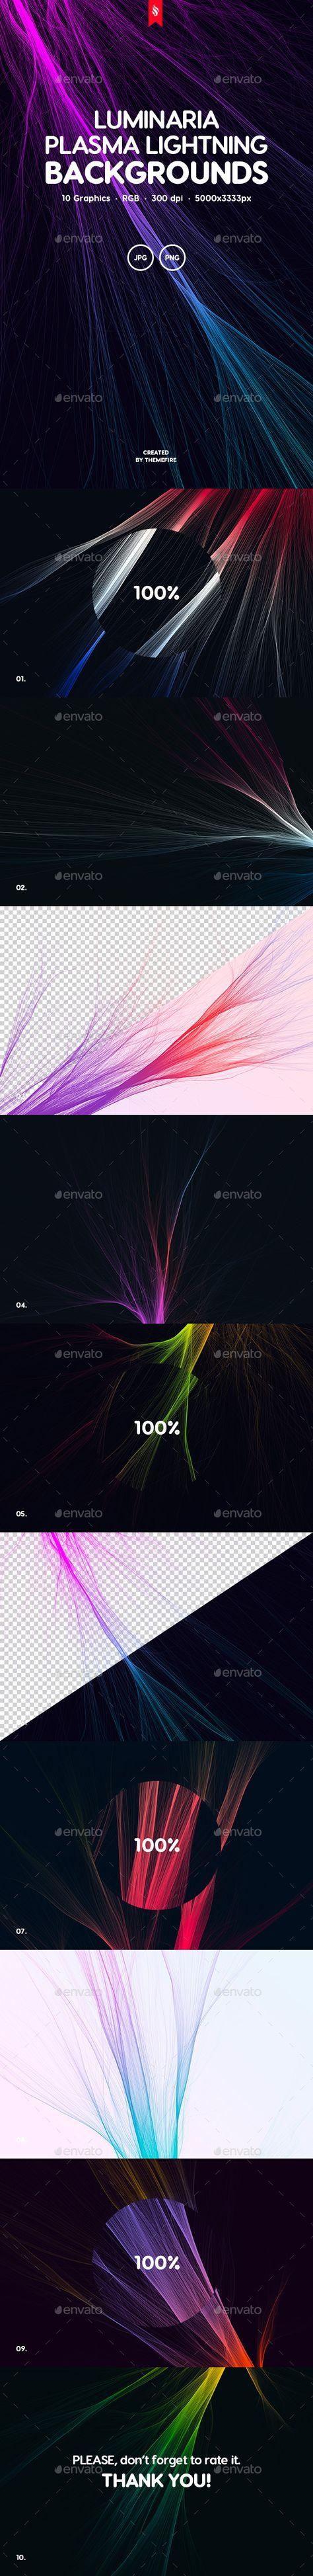 Luminaria - Plasma Lightning Background Set